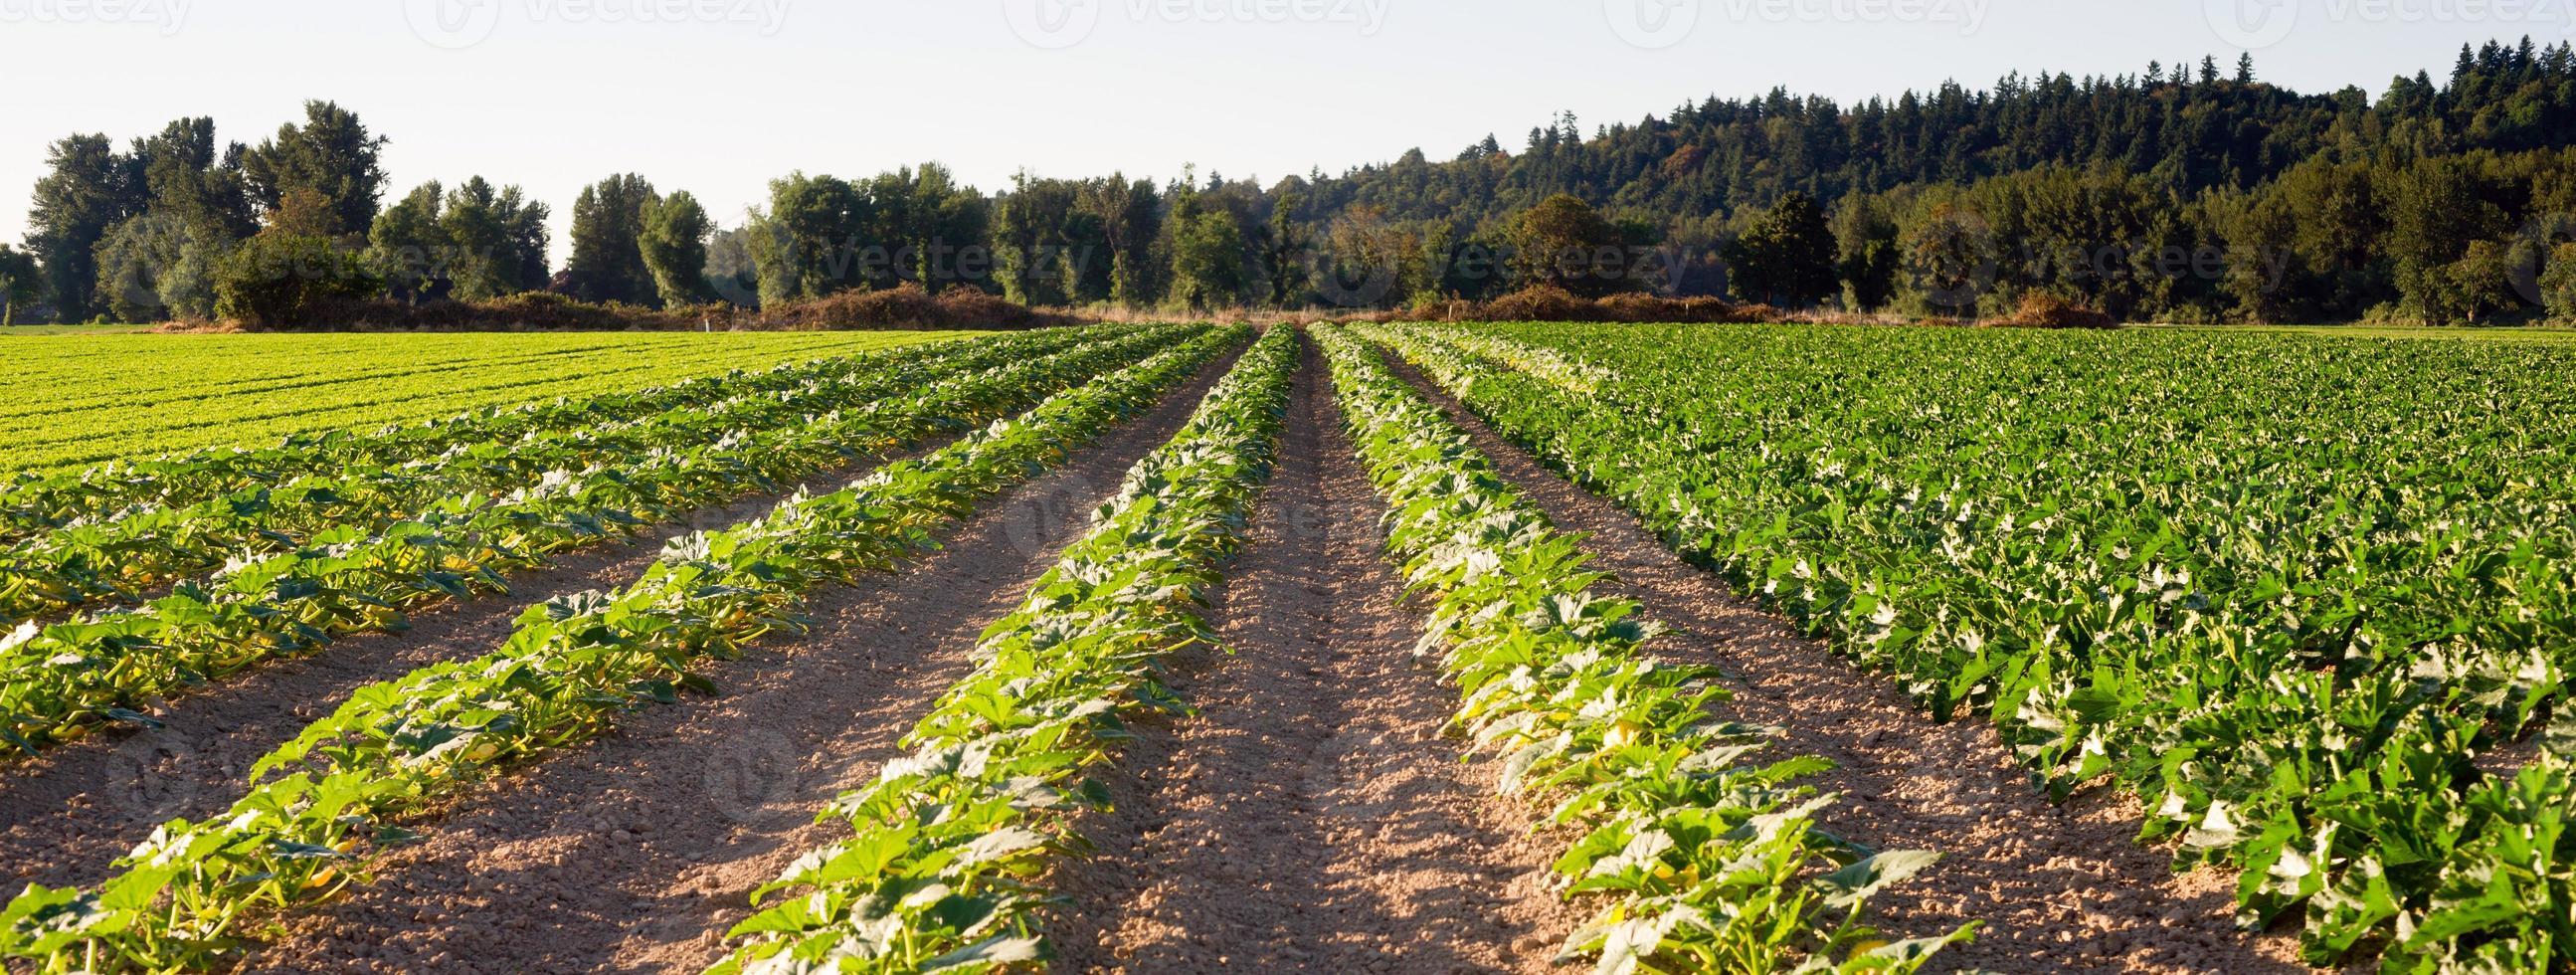 geplant rijen kruid boerderij landbouwgebied plant gewas foto